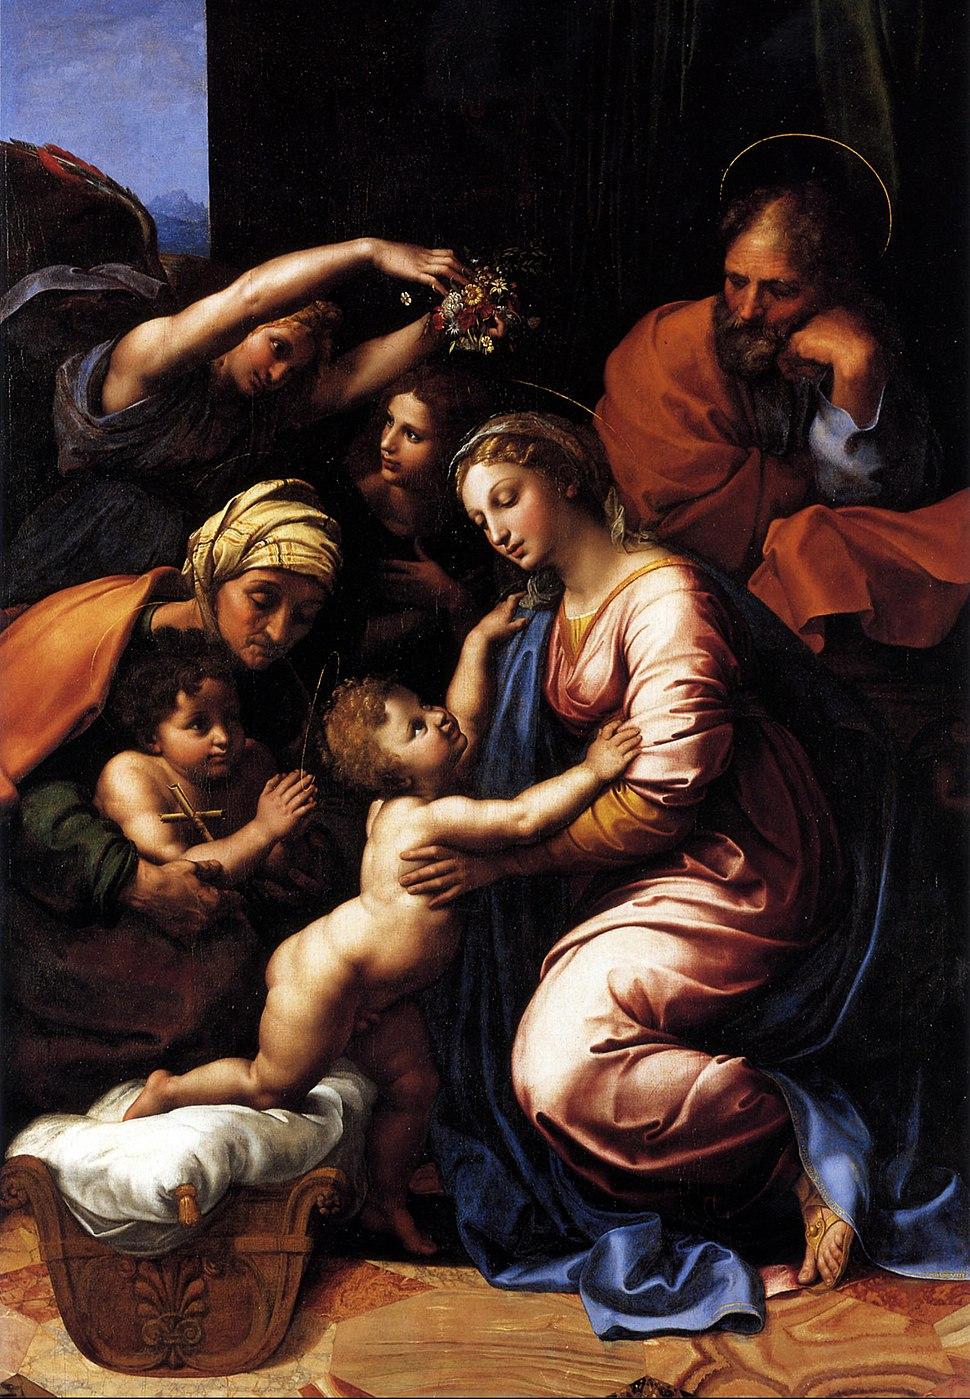 The Holy Family - Rafael